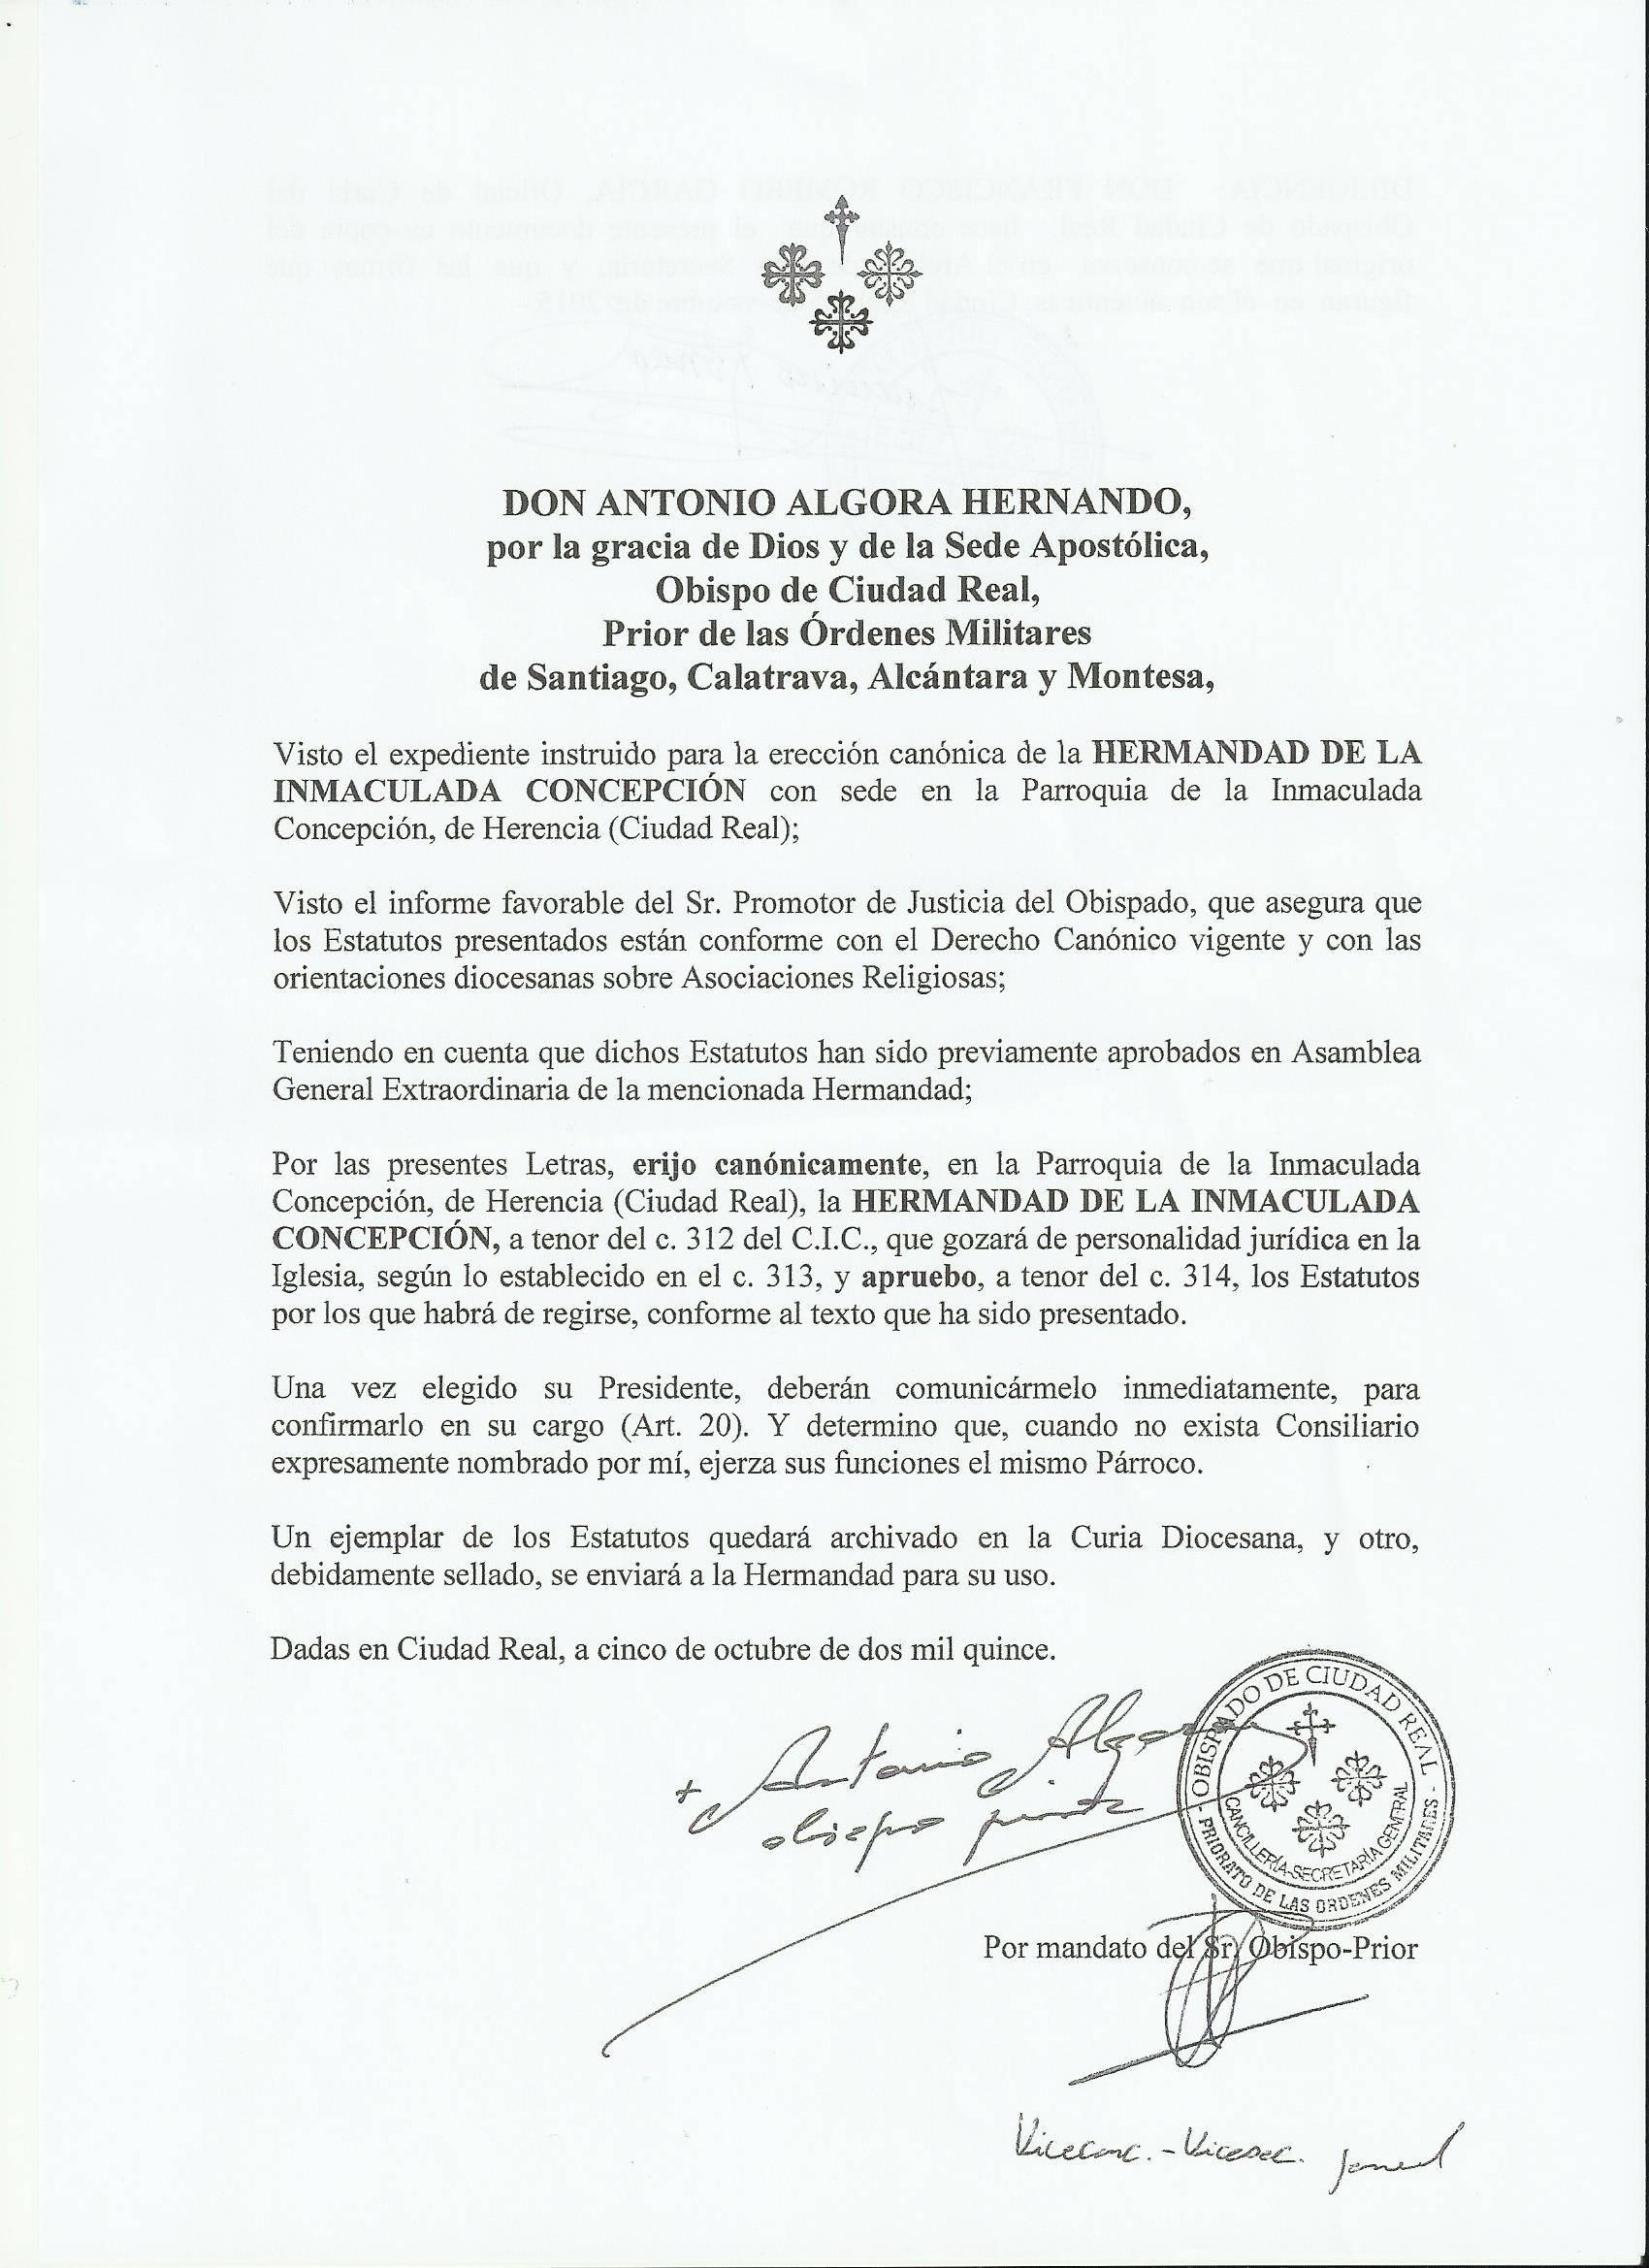 aprobación de la hemrandad de la inmaculada de Herencia_inma-patrona-1